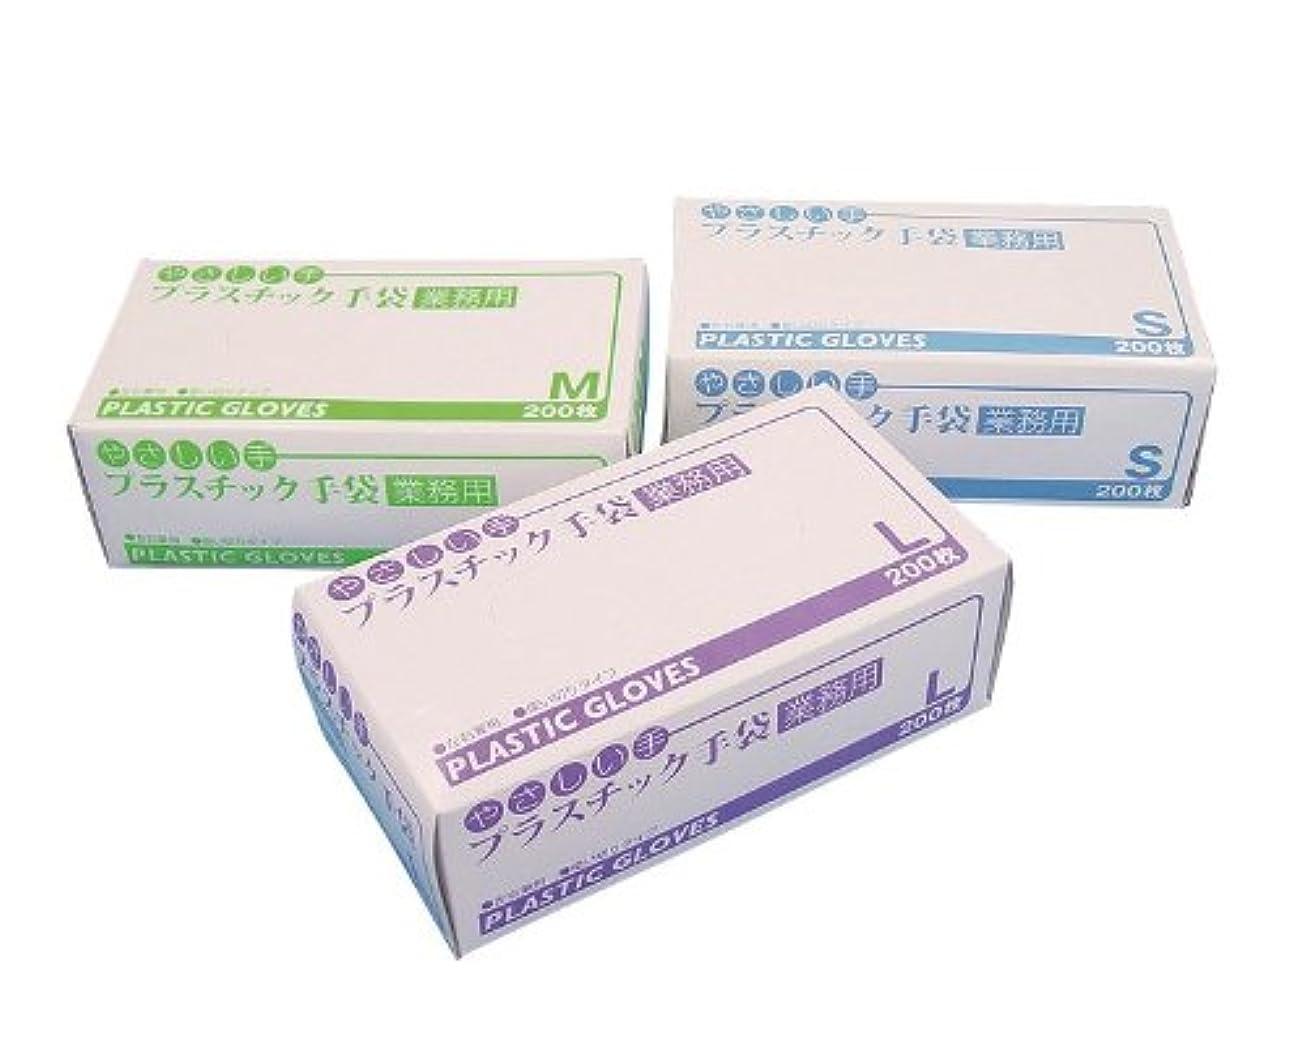 中古ミトン専らやさしい手 プラスチック手袋 業務用 OM-460 200枚入/Mサイズ